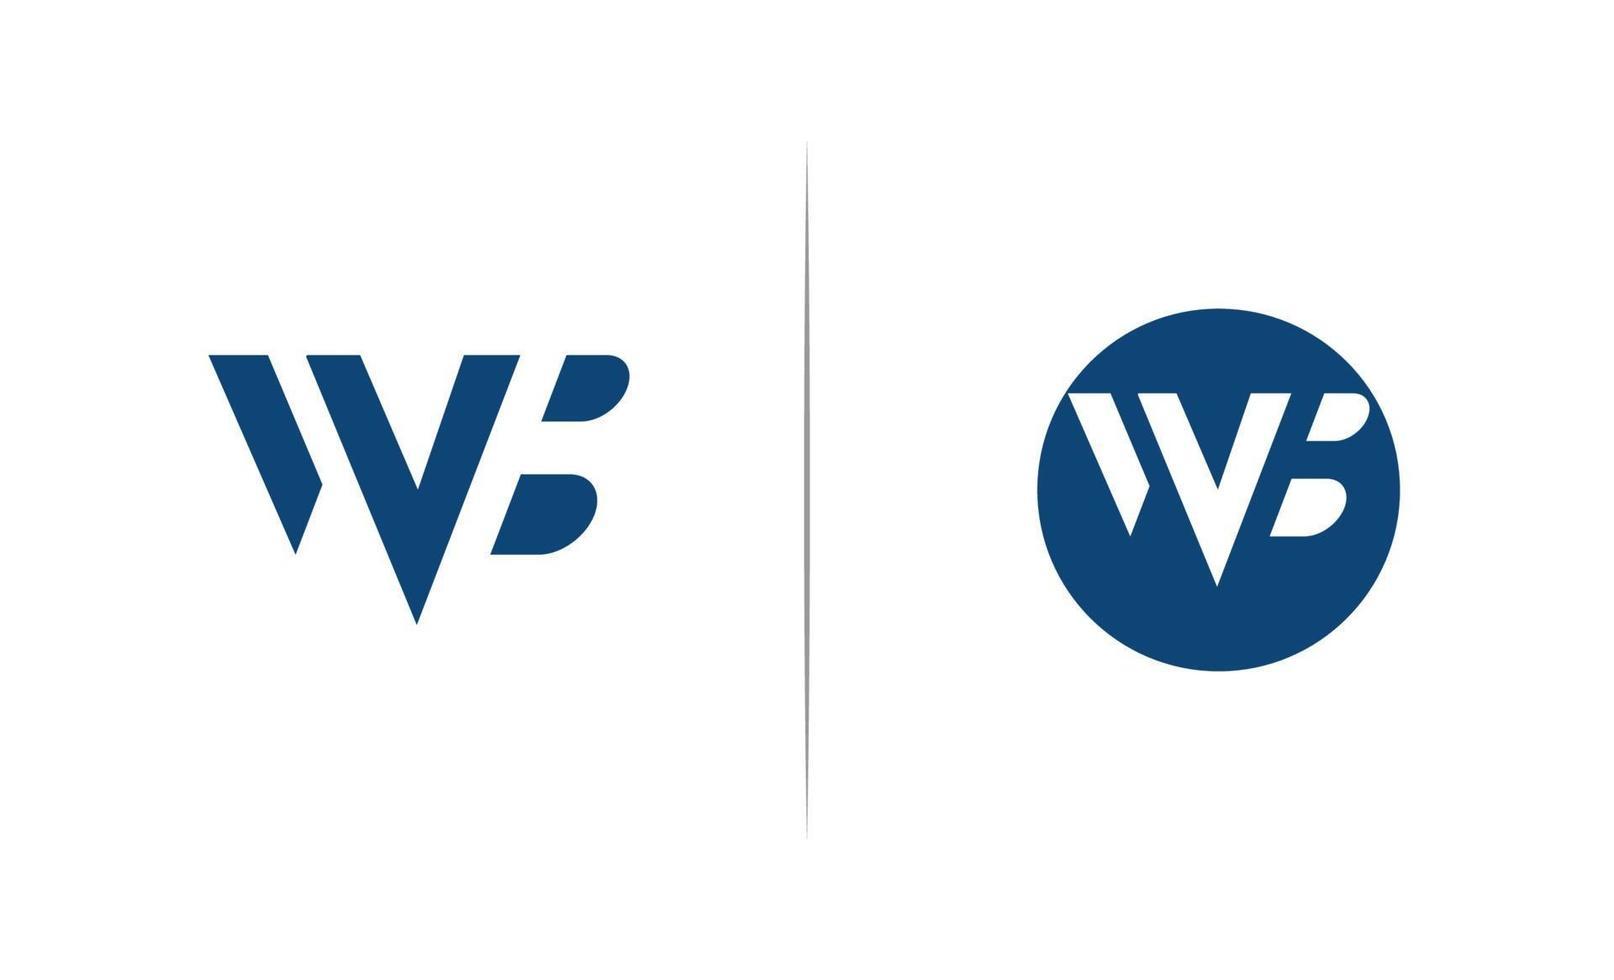 brev wb negativa utrymme logotyp mall vektor